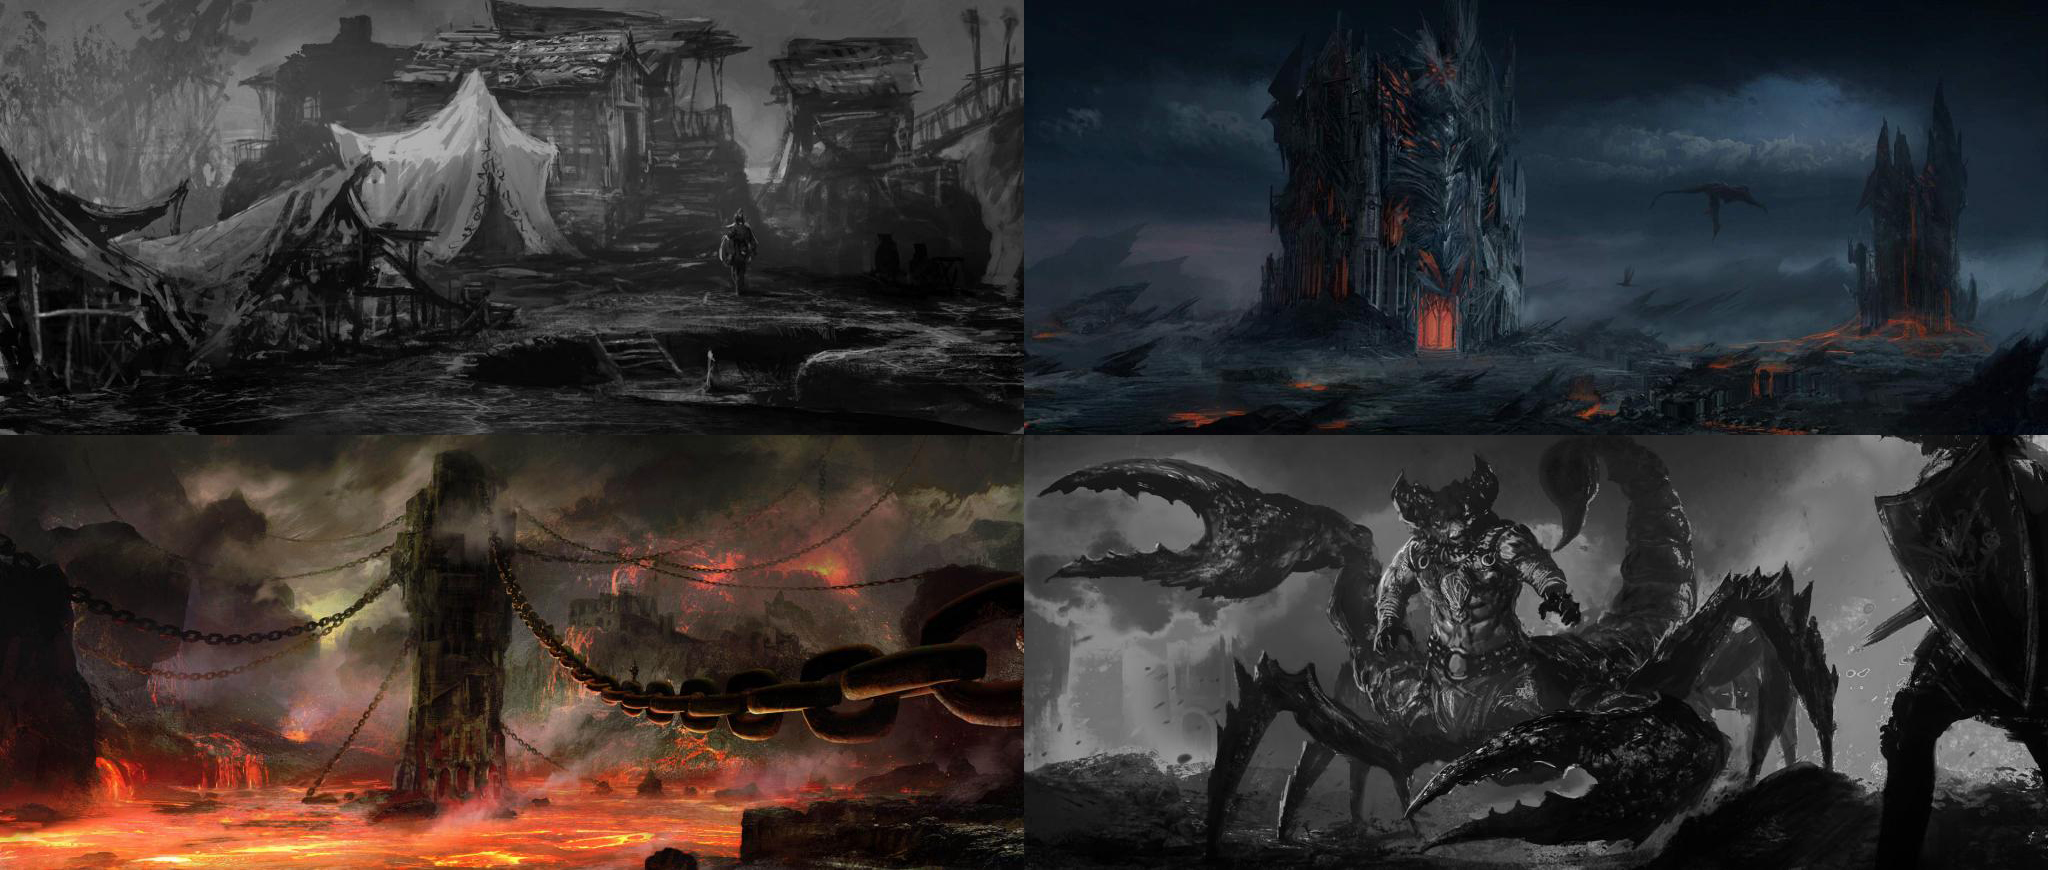 Dark souls ll oh body glitch 2 - 4 10